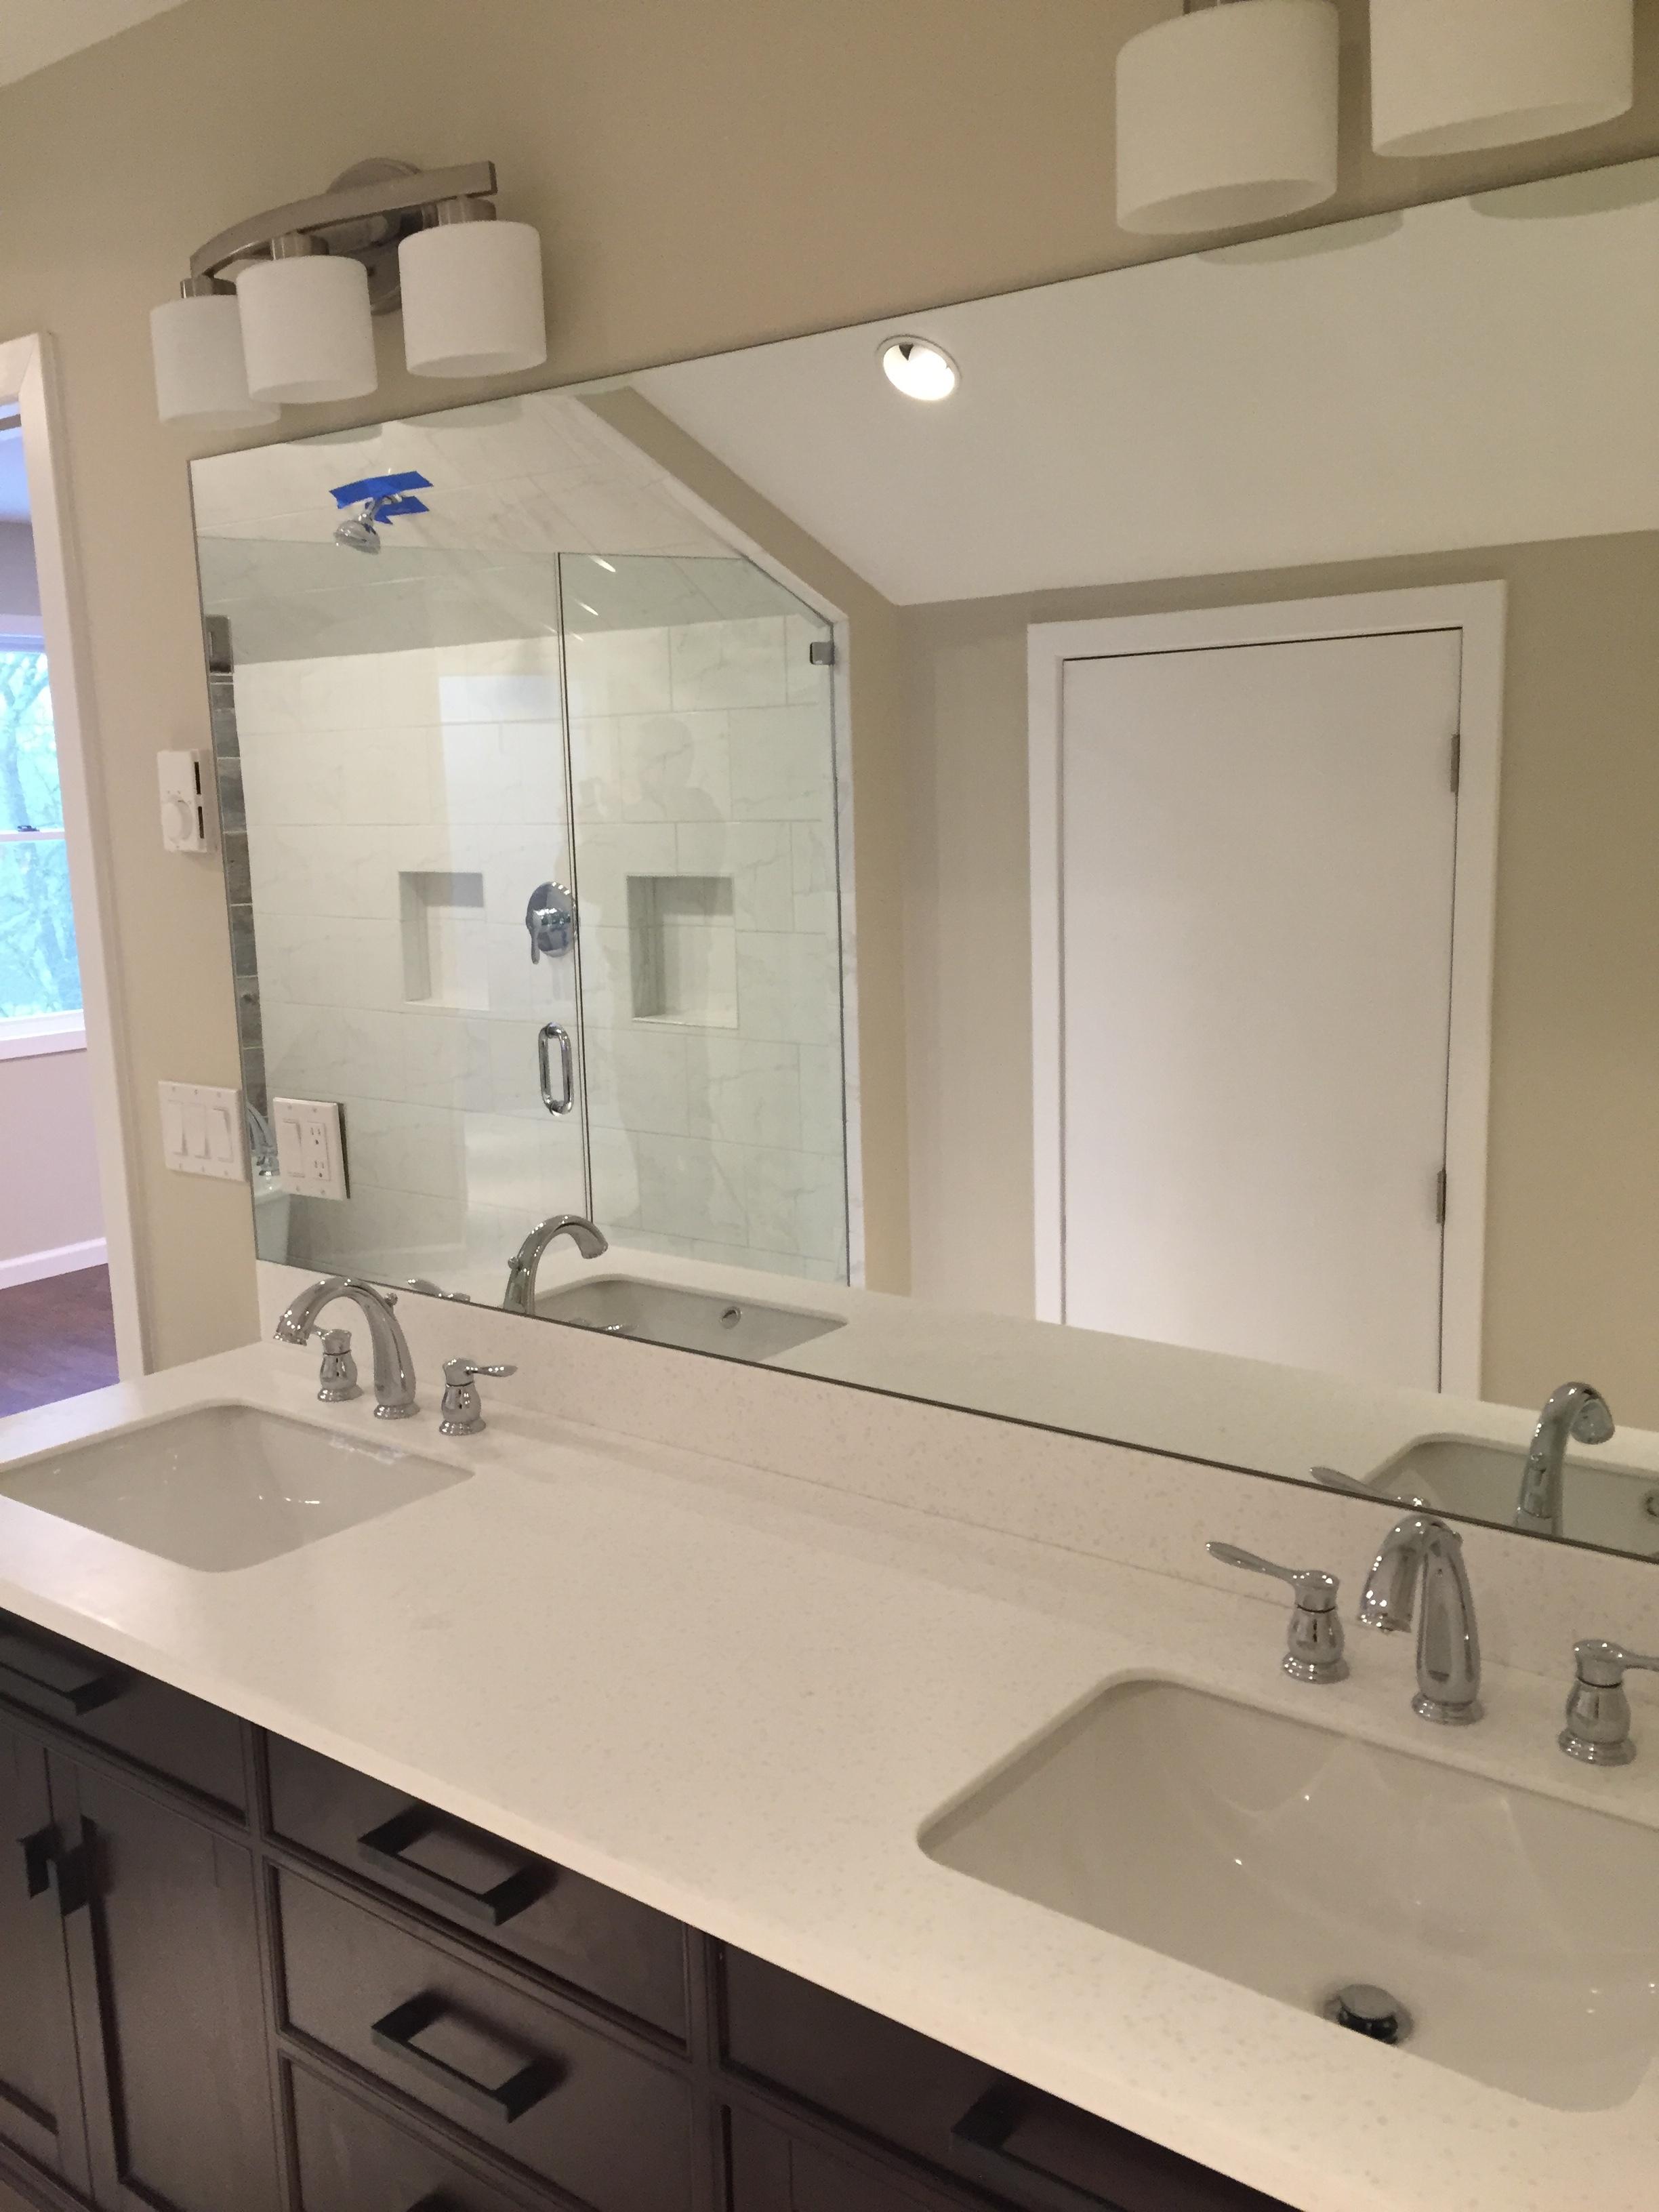 New Vanity in Bathroom Remodel in Waterford CT | Shaw Remodeling